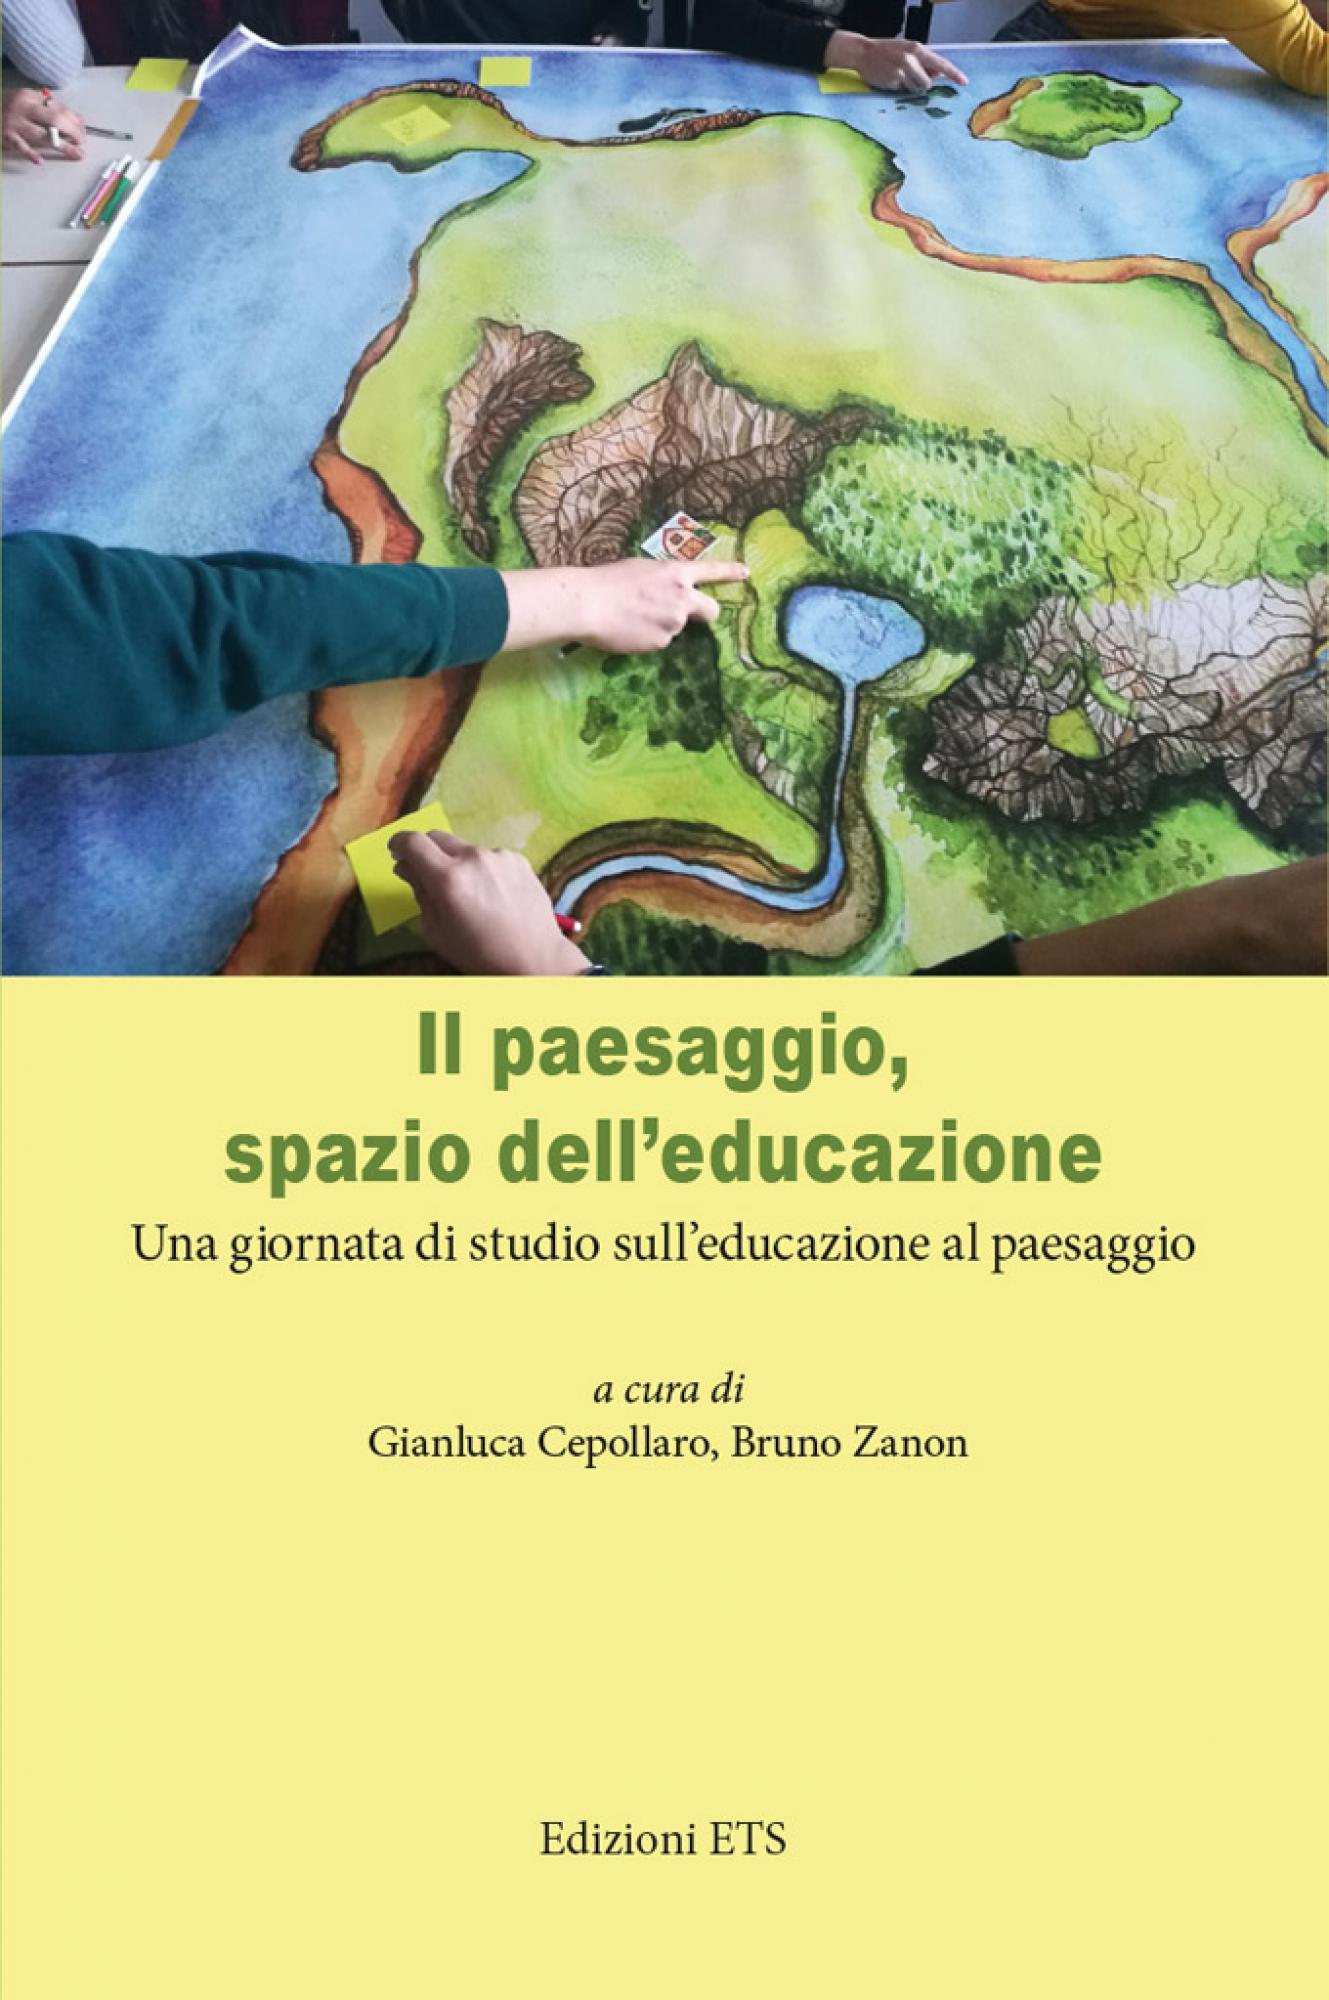 Il paesaggio, spazio dell'educazione.Una giornata di studio sull'educazione al paesaggio